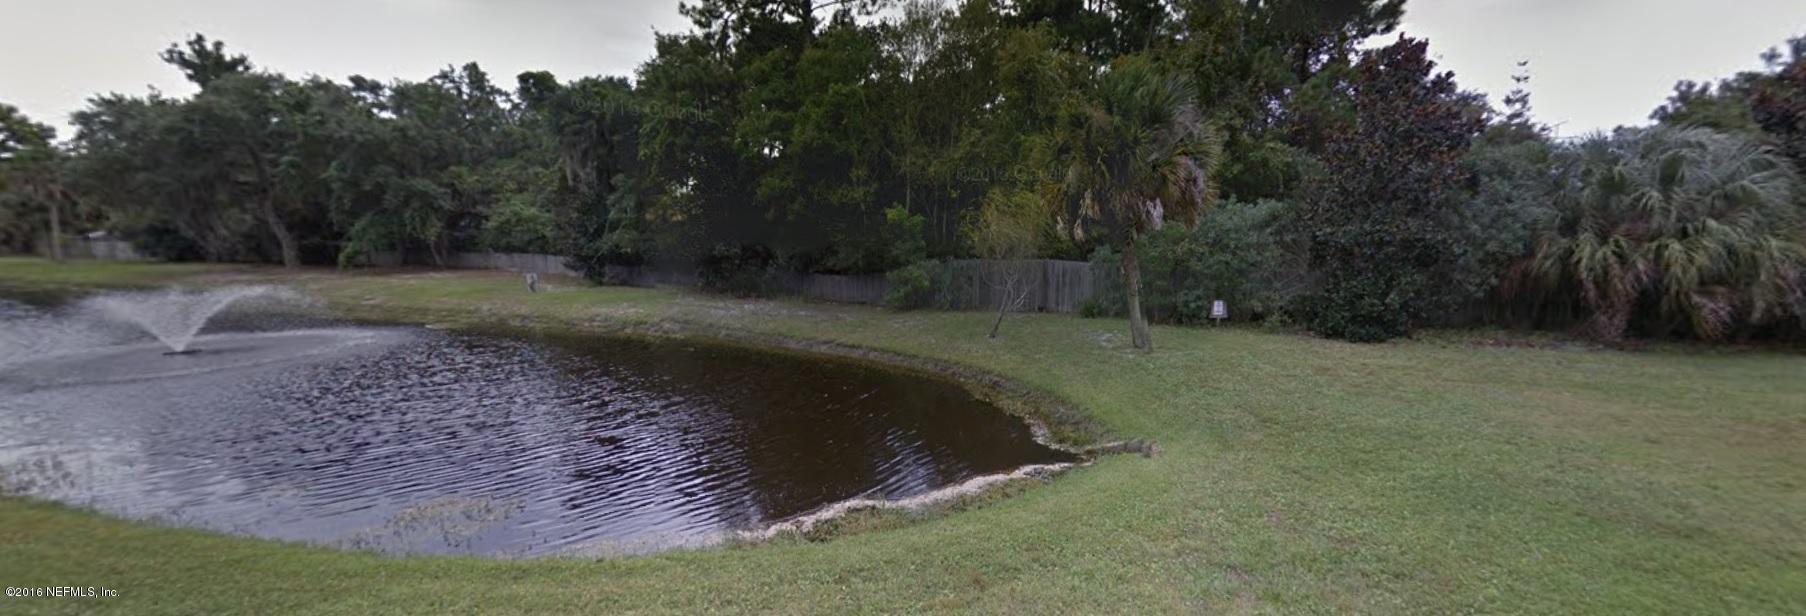 0 HECKSCHER, JACKSONVILLE, FLORIDA 32226, ,Vacant land,For sale,HECKSCHER,848176